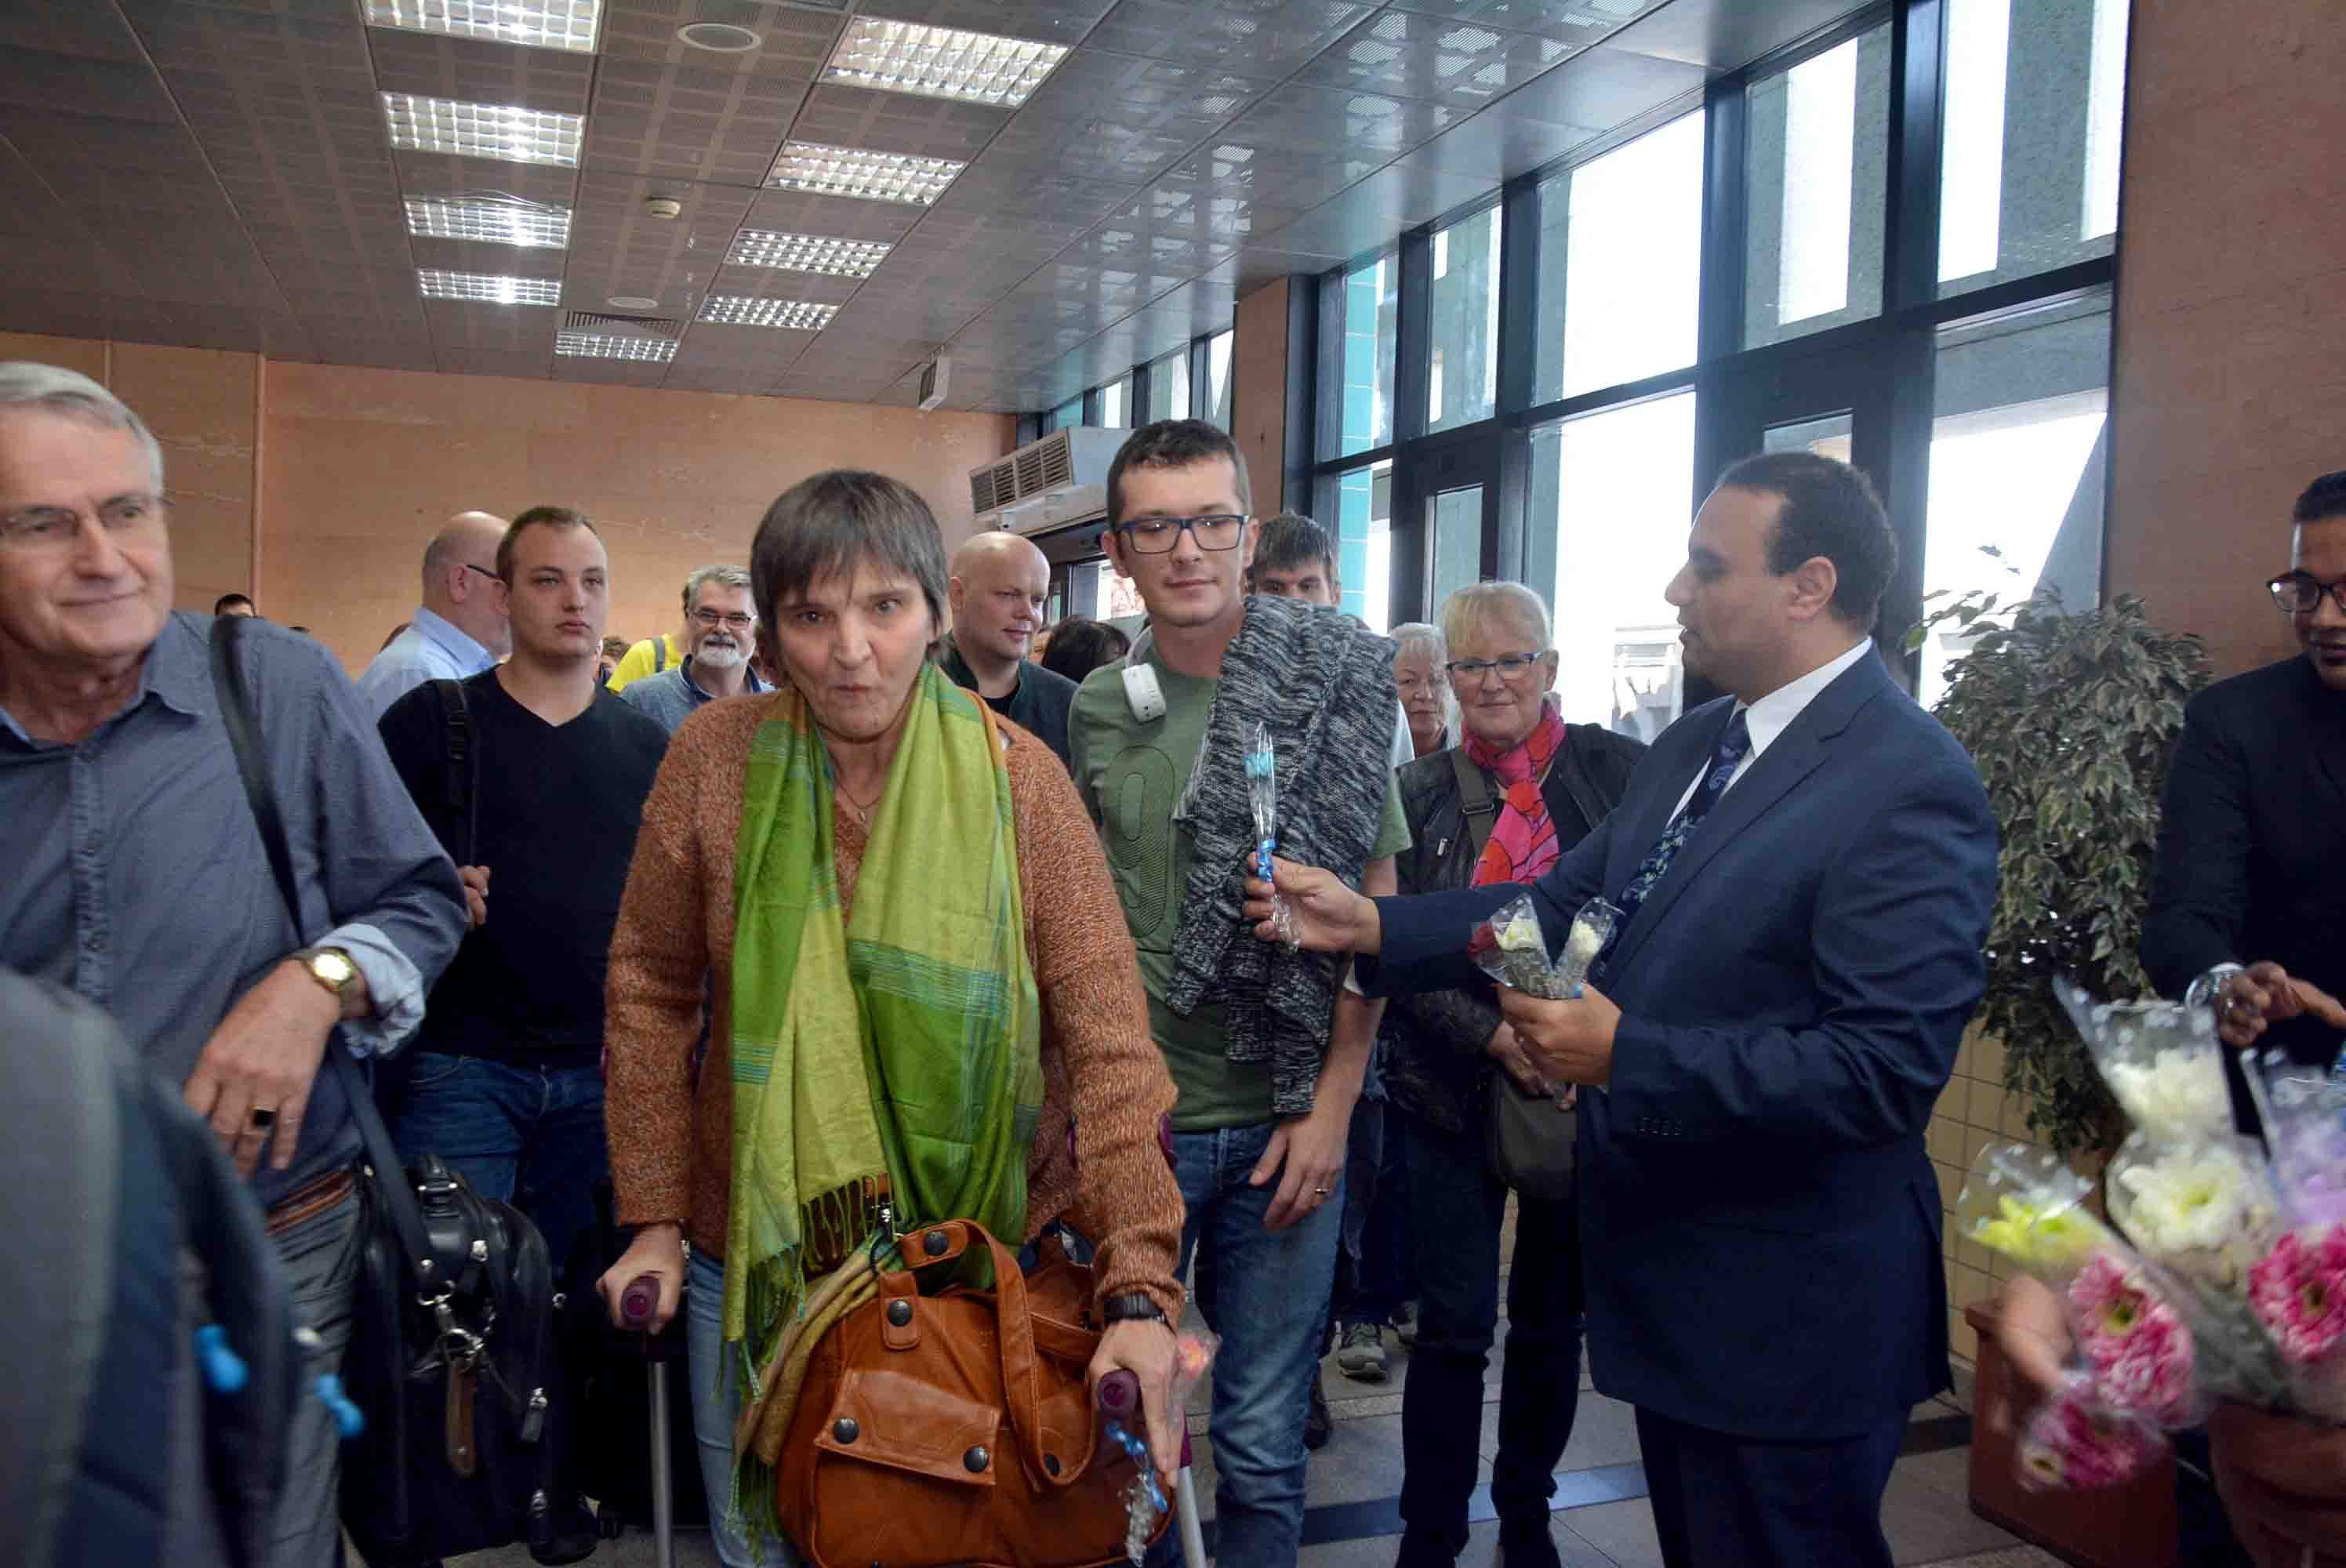 أول رحلة طيران شارتر قادمة من مطار فرانكفورت بألمانيا  (2)